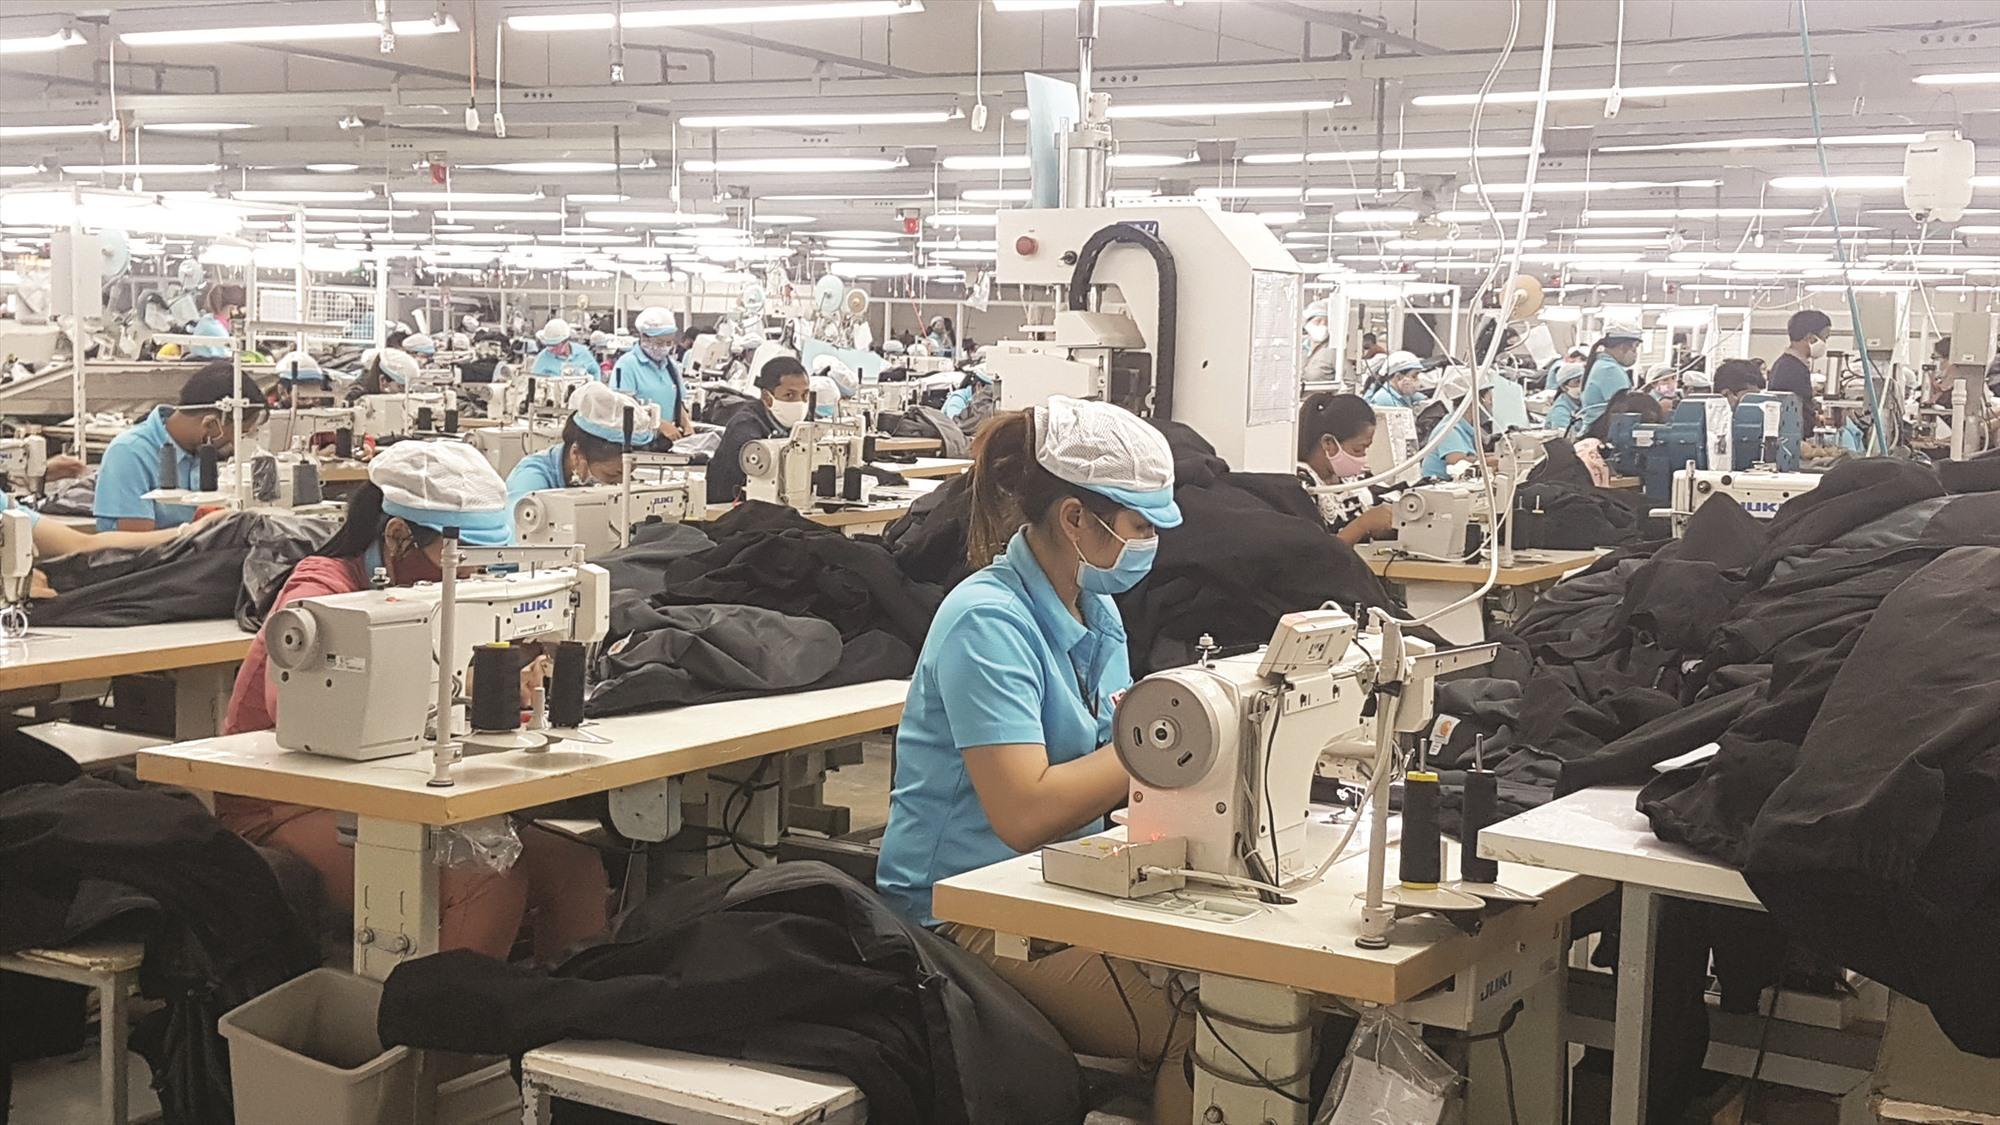 Người lao động tại Công ty Vast Apparel Việt Nam được khuyến cáo tự bảo vệ sức khỏe bản thân bằng các biện pháp làm việc an toàn. Ảnh: D.L